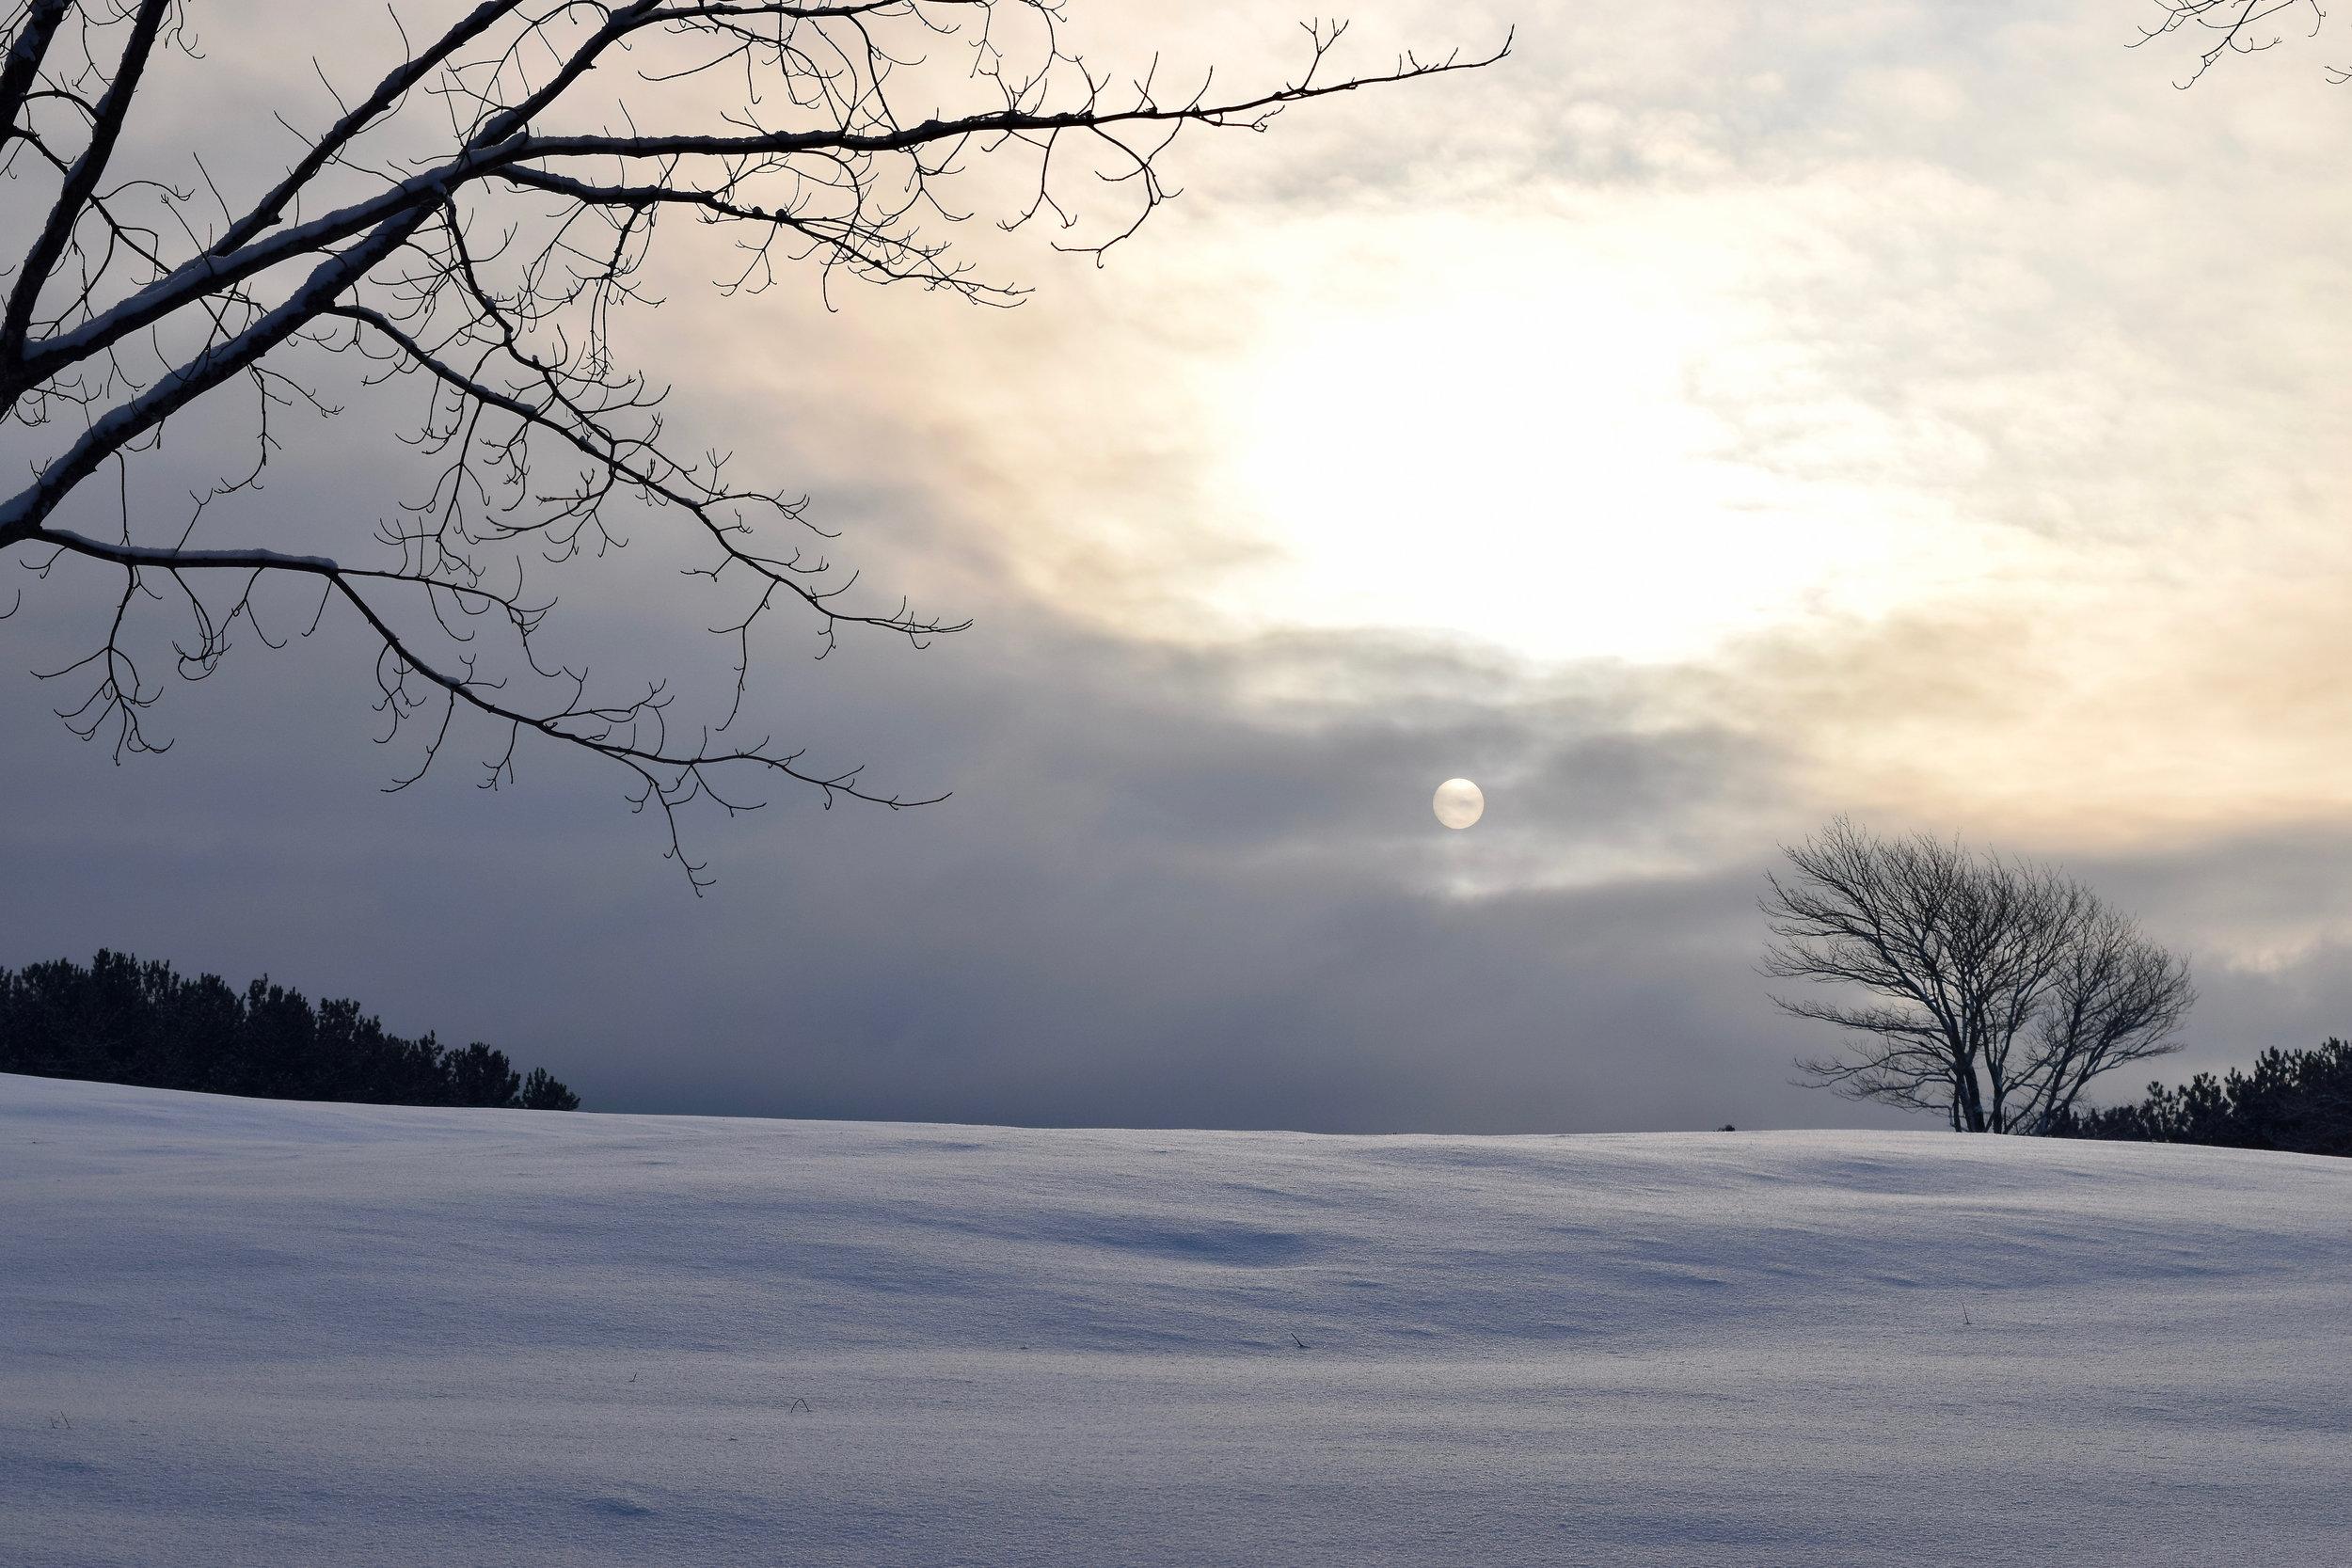 #1 Winter Sun